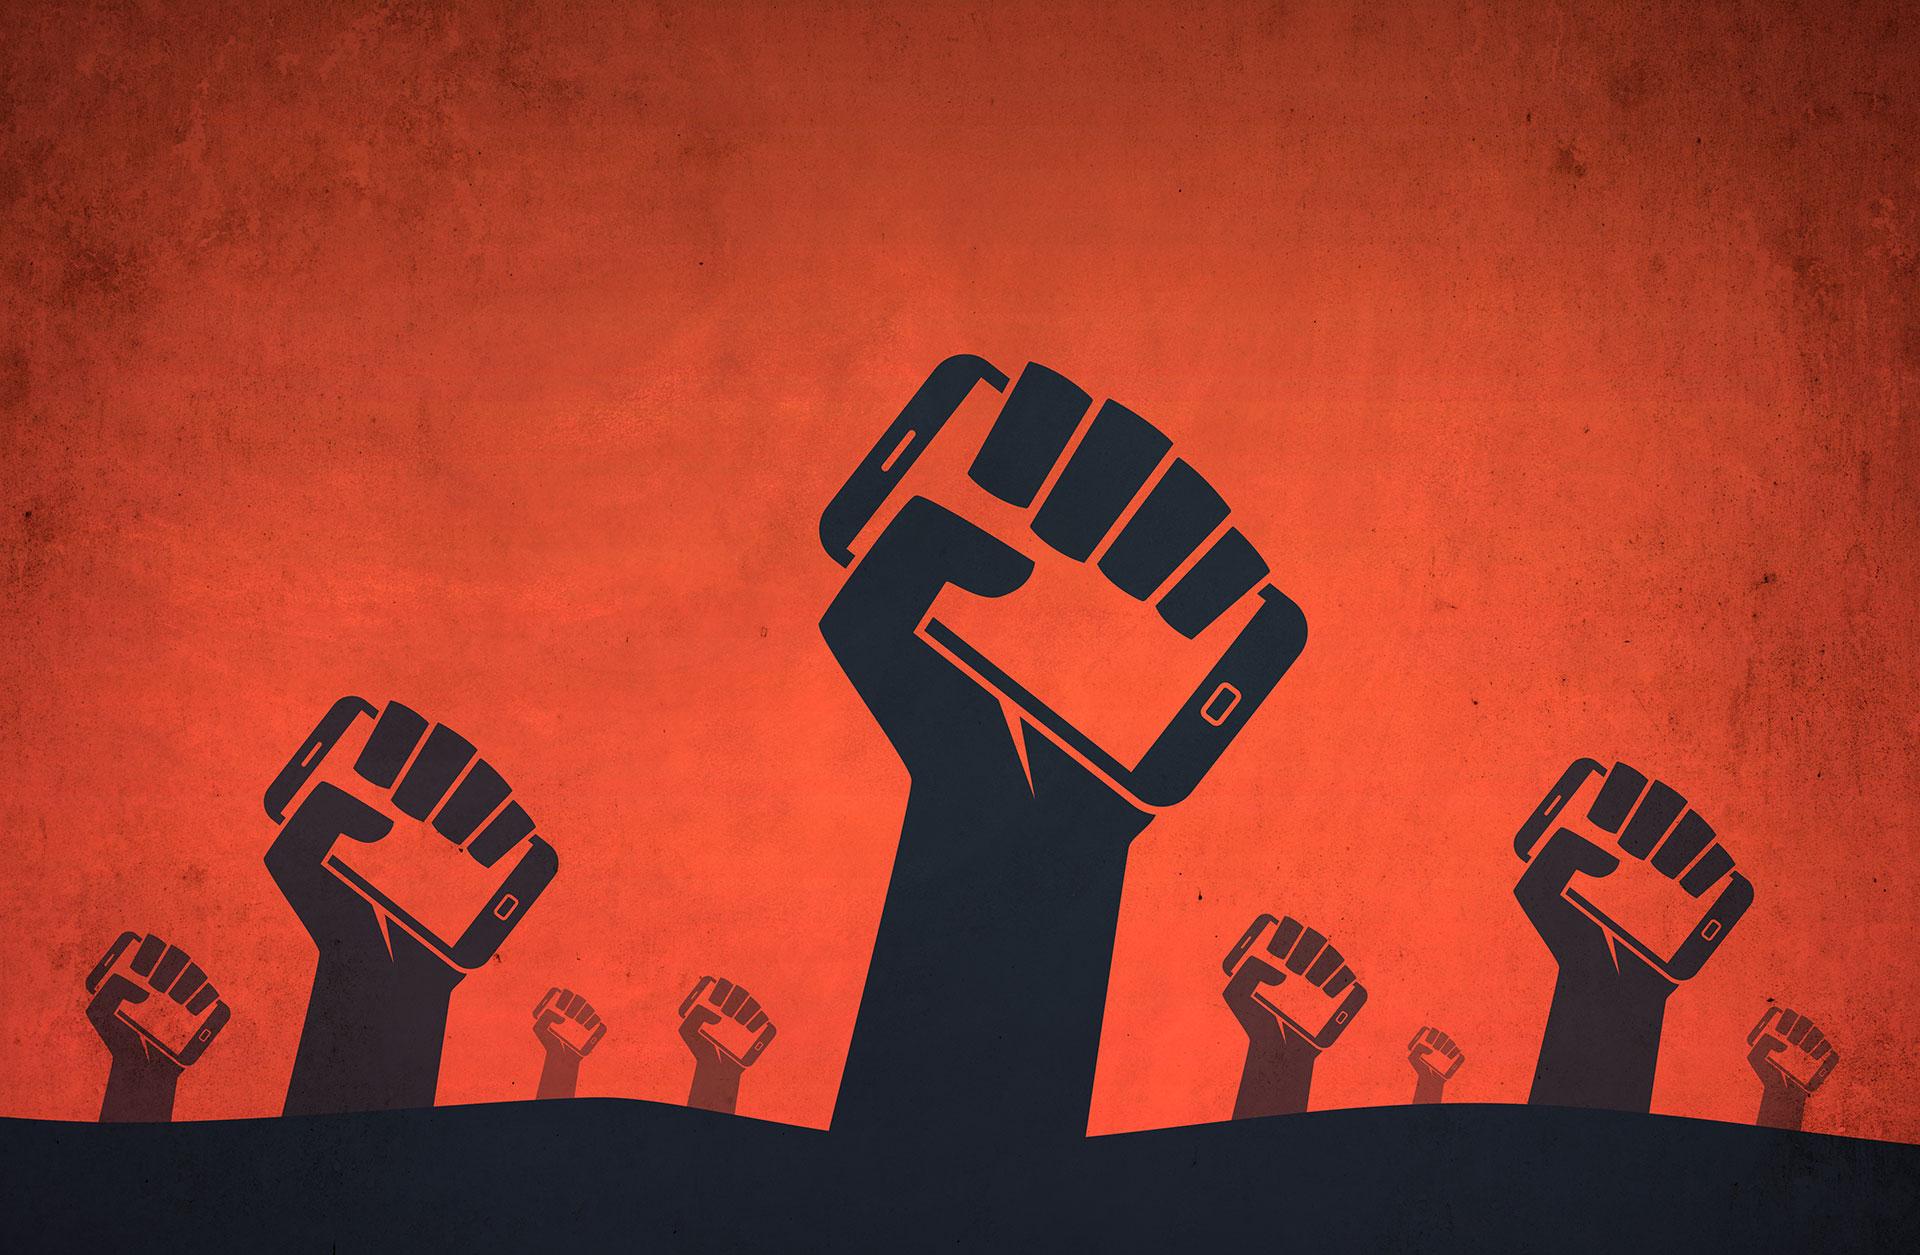 Wir gegen die anderen